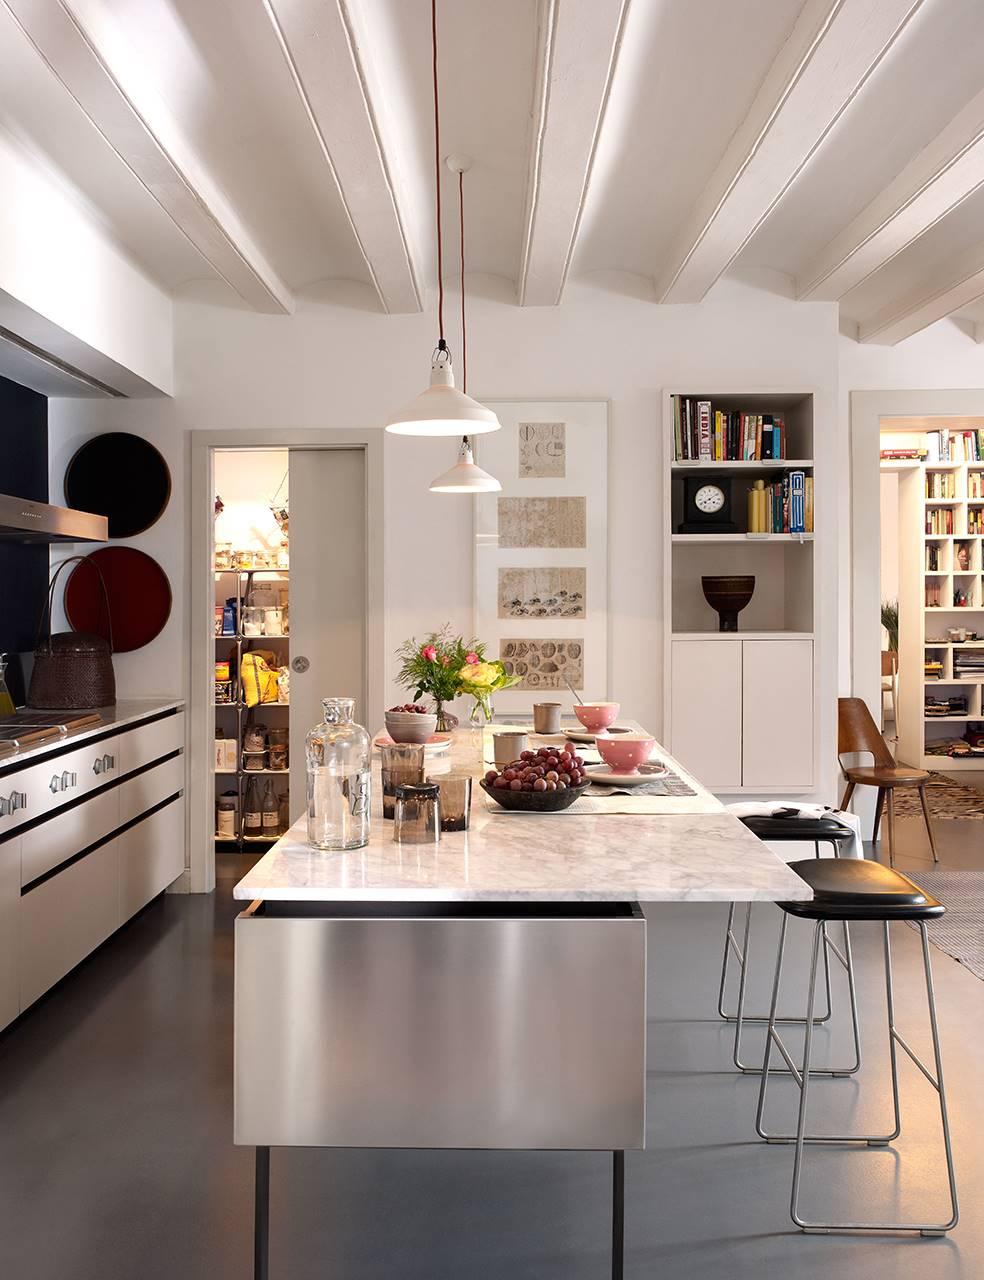 Cocinas modernas para inspirarte y coger ideas para copiar